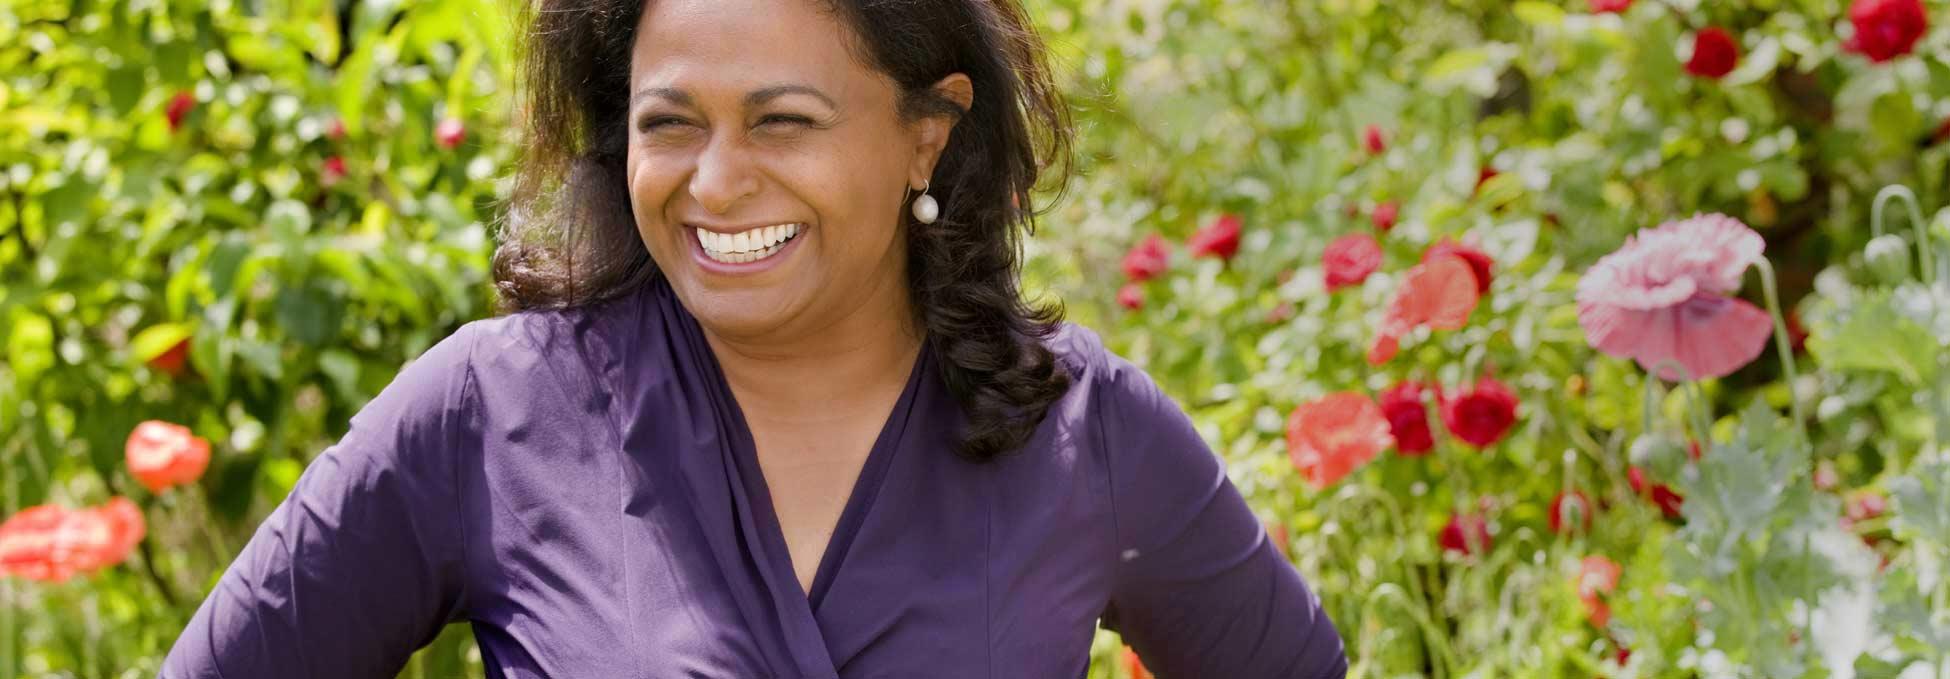 Maddy Ramsingh | Hypnotherapeut & Coach voor meer zelfliefde